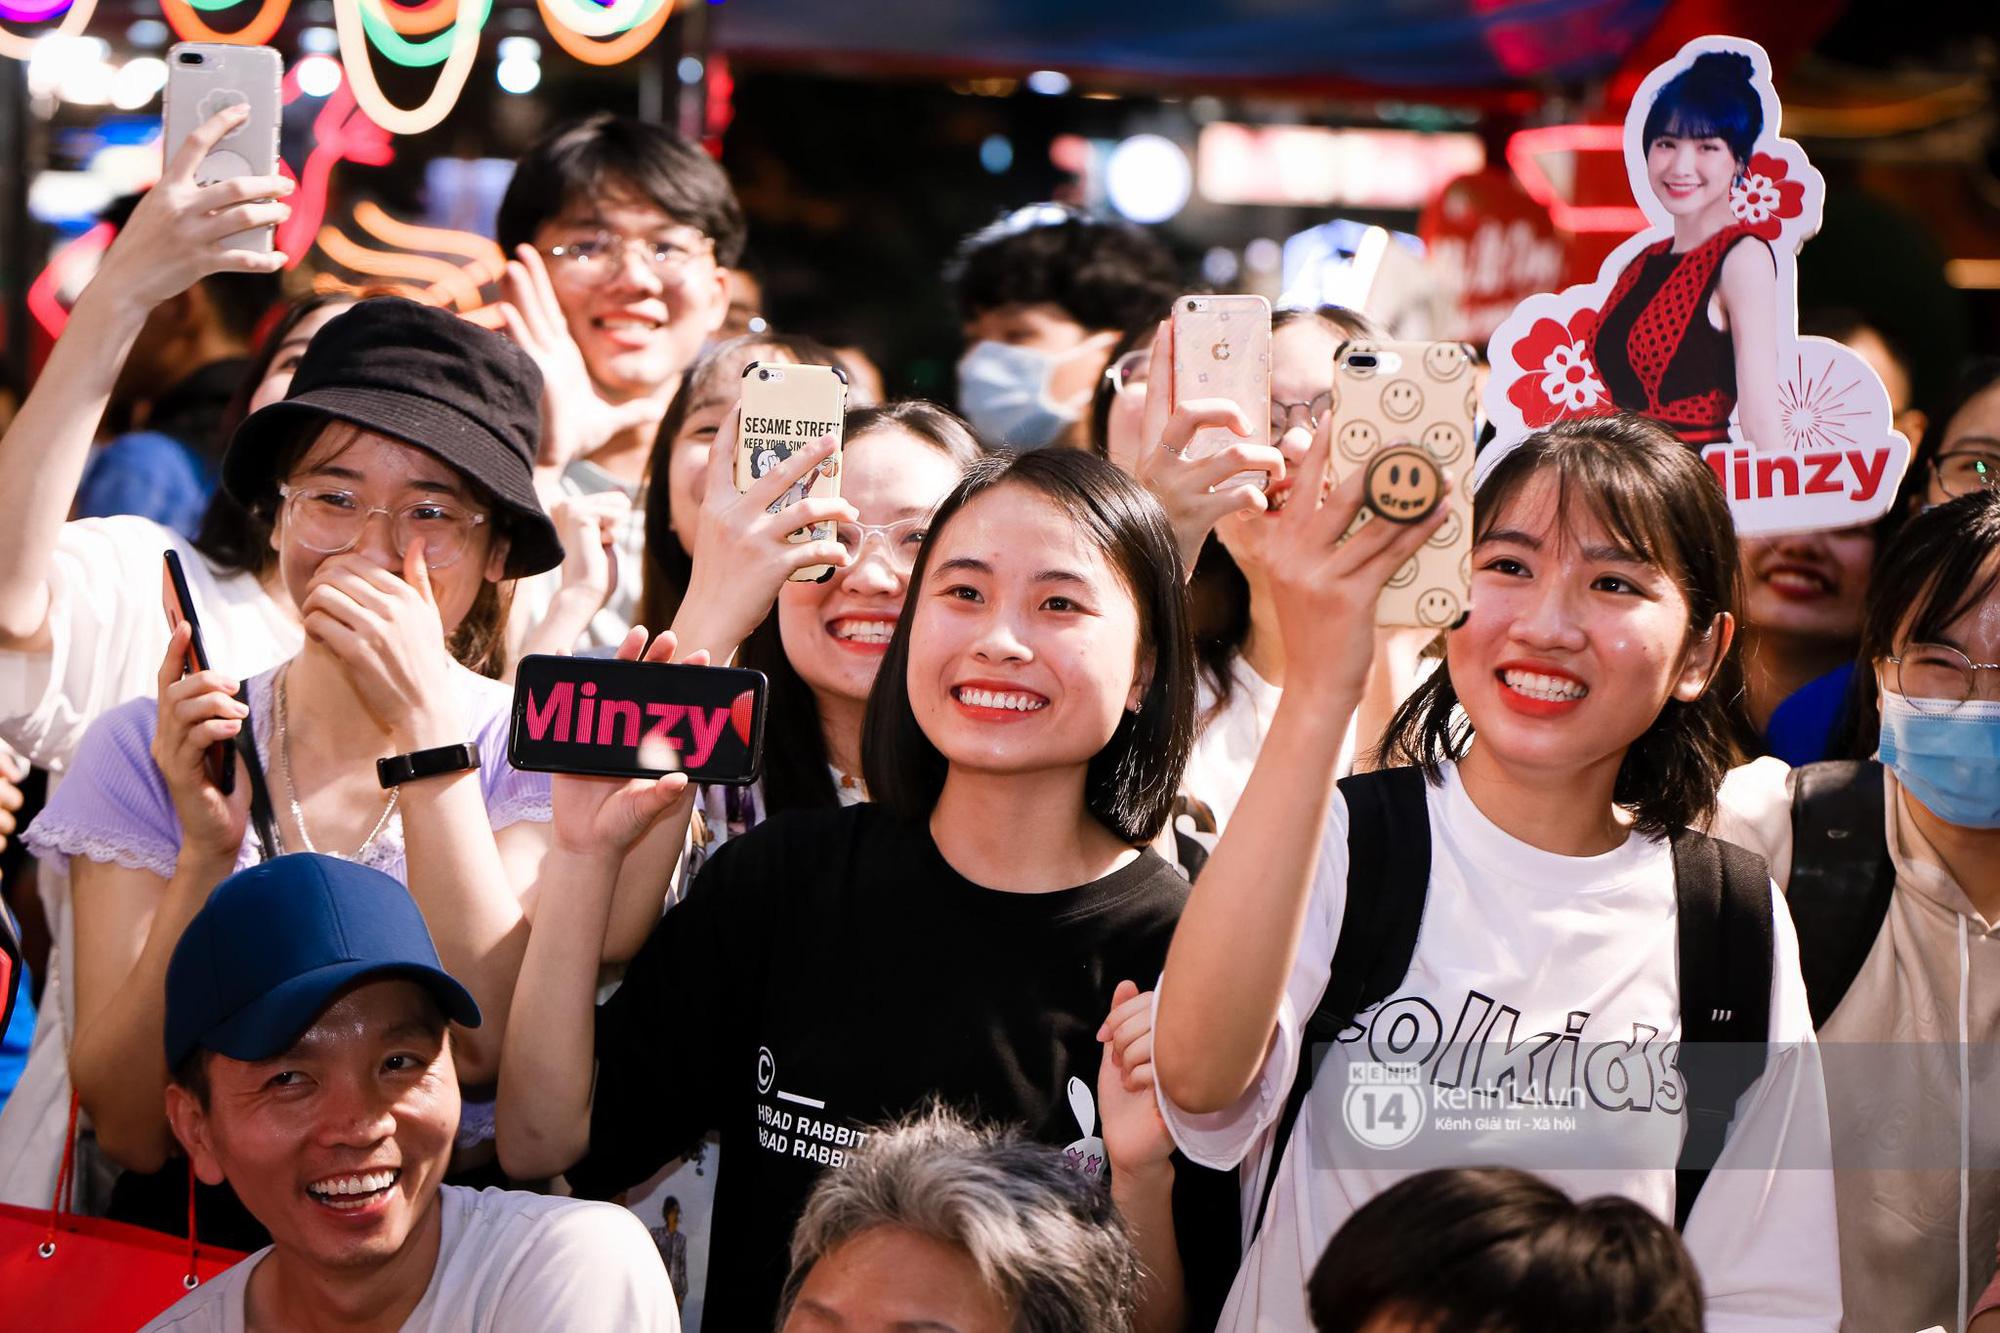 Fan Hòa Minzy bơi hết vào đây, xem idol đột kích Lễ hội Tết Việt và ngàn trải nghiệm wow chưa từng có! - Ảnh 1.